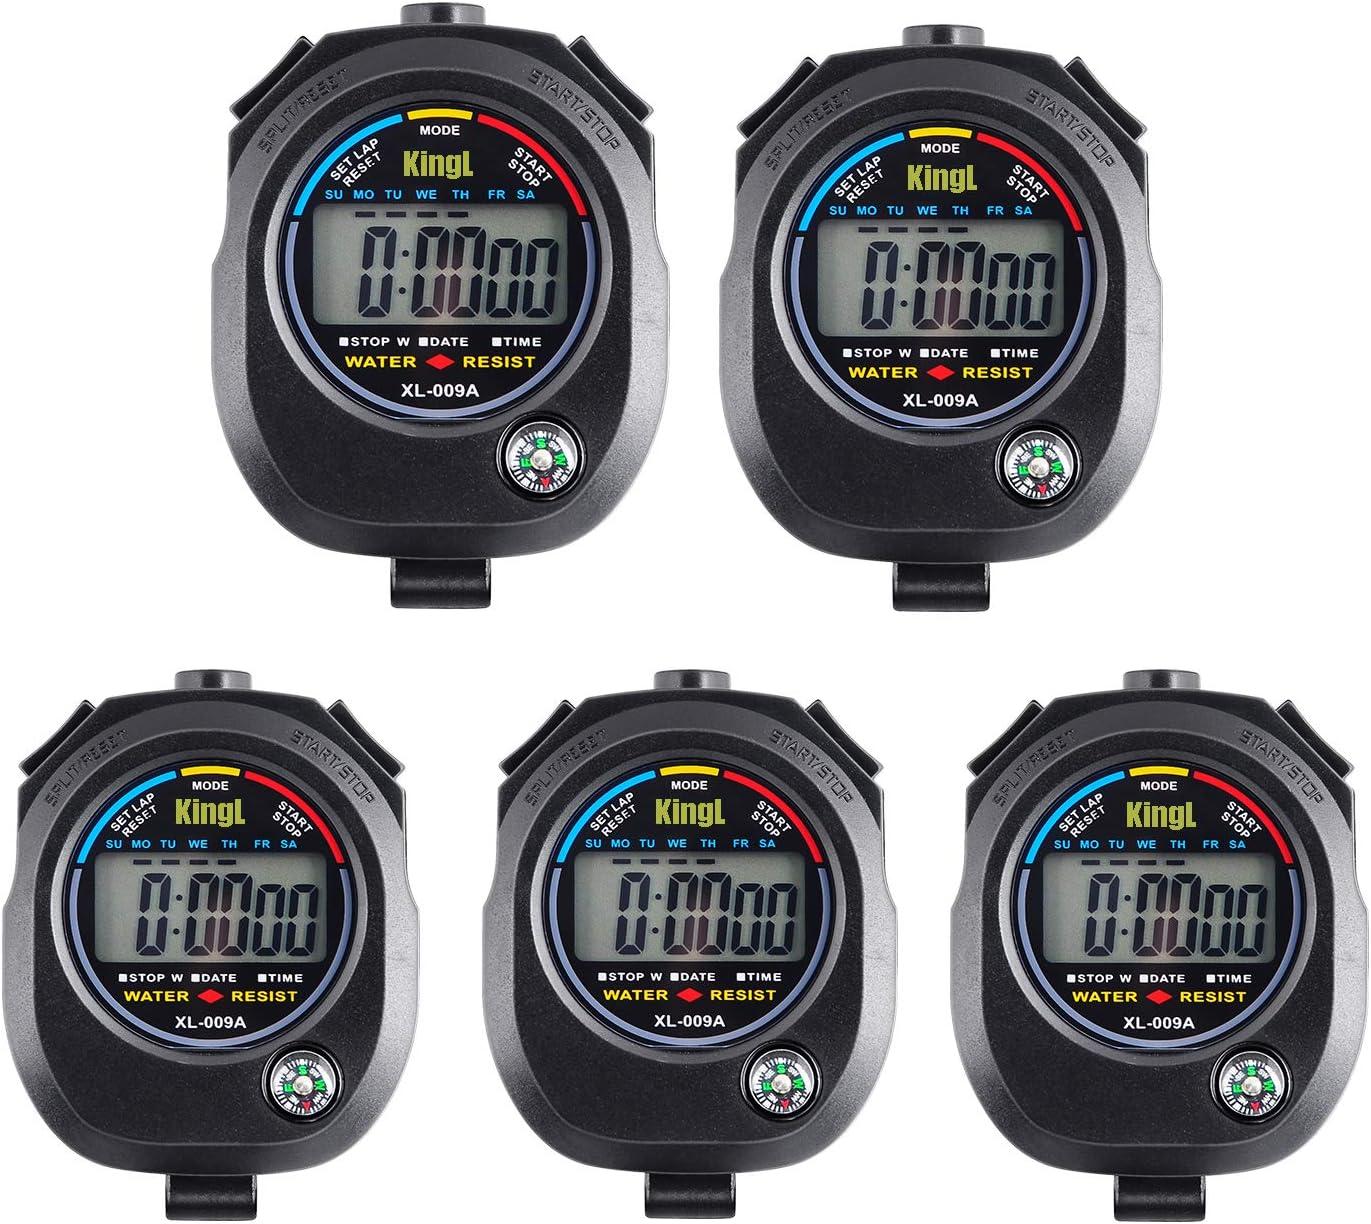 KingL Digital Stopwatch Timer - Interval Timer with Large Displa